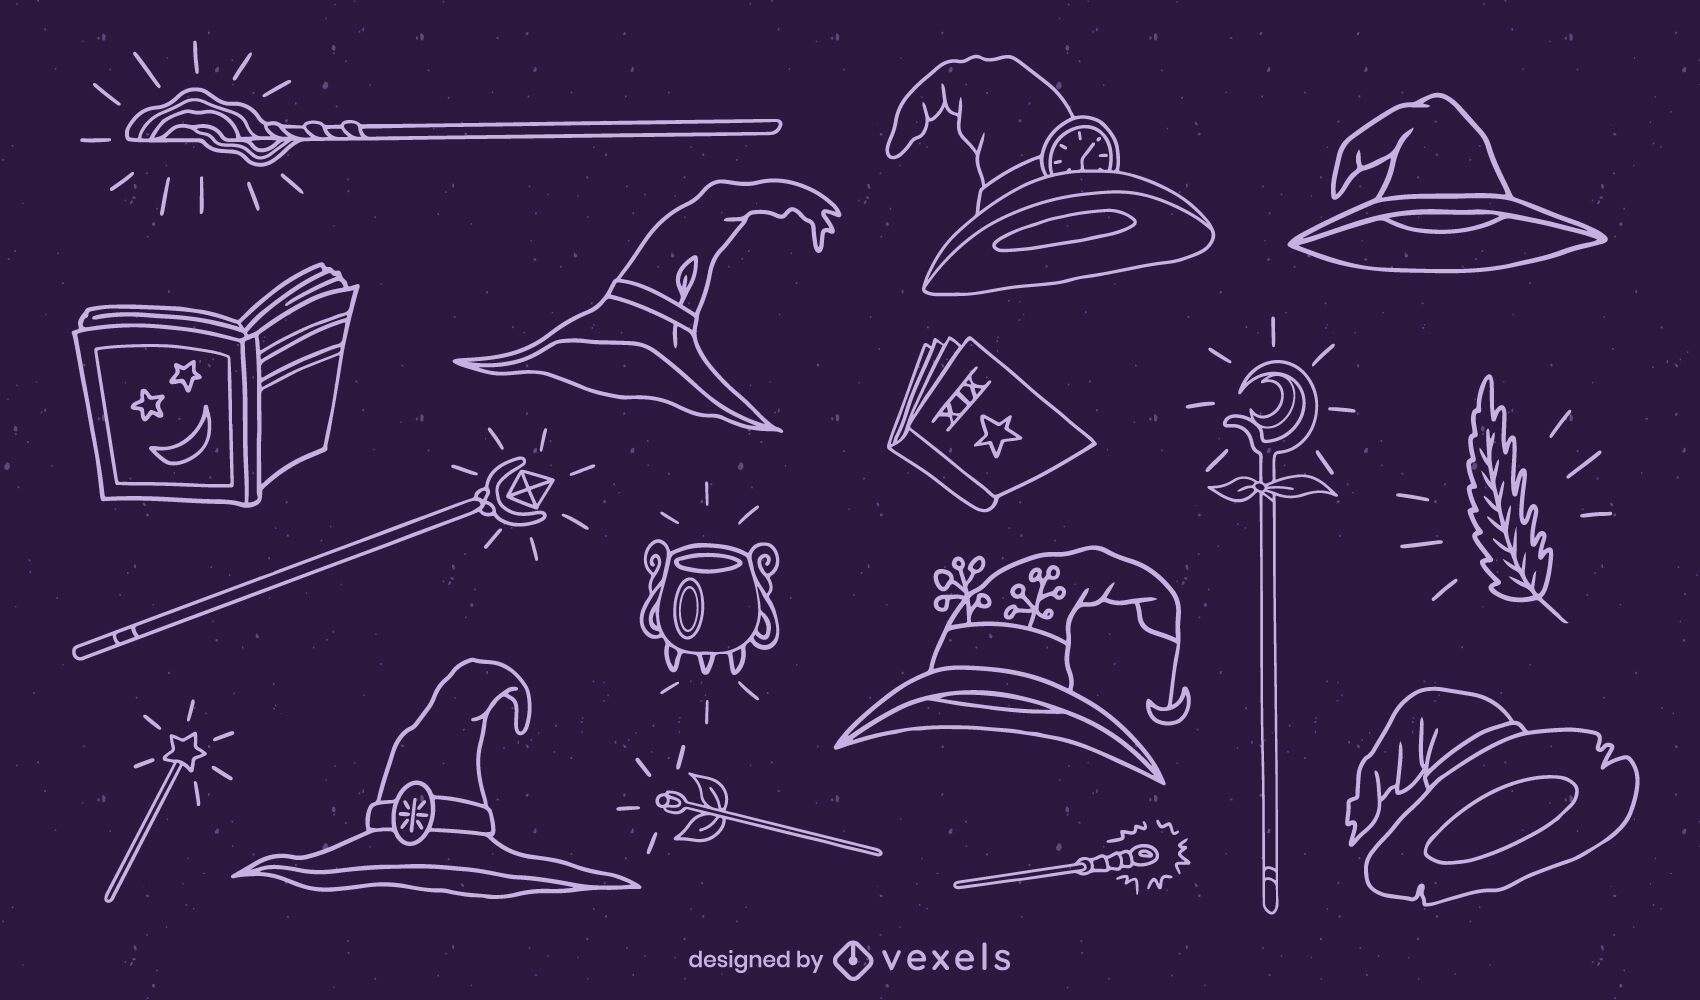 Conjunto de elementos de mago de trazo dibujado a mano